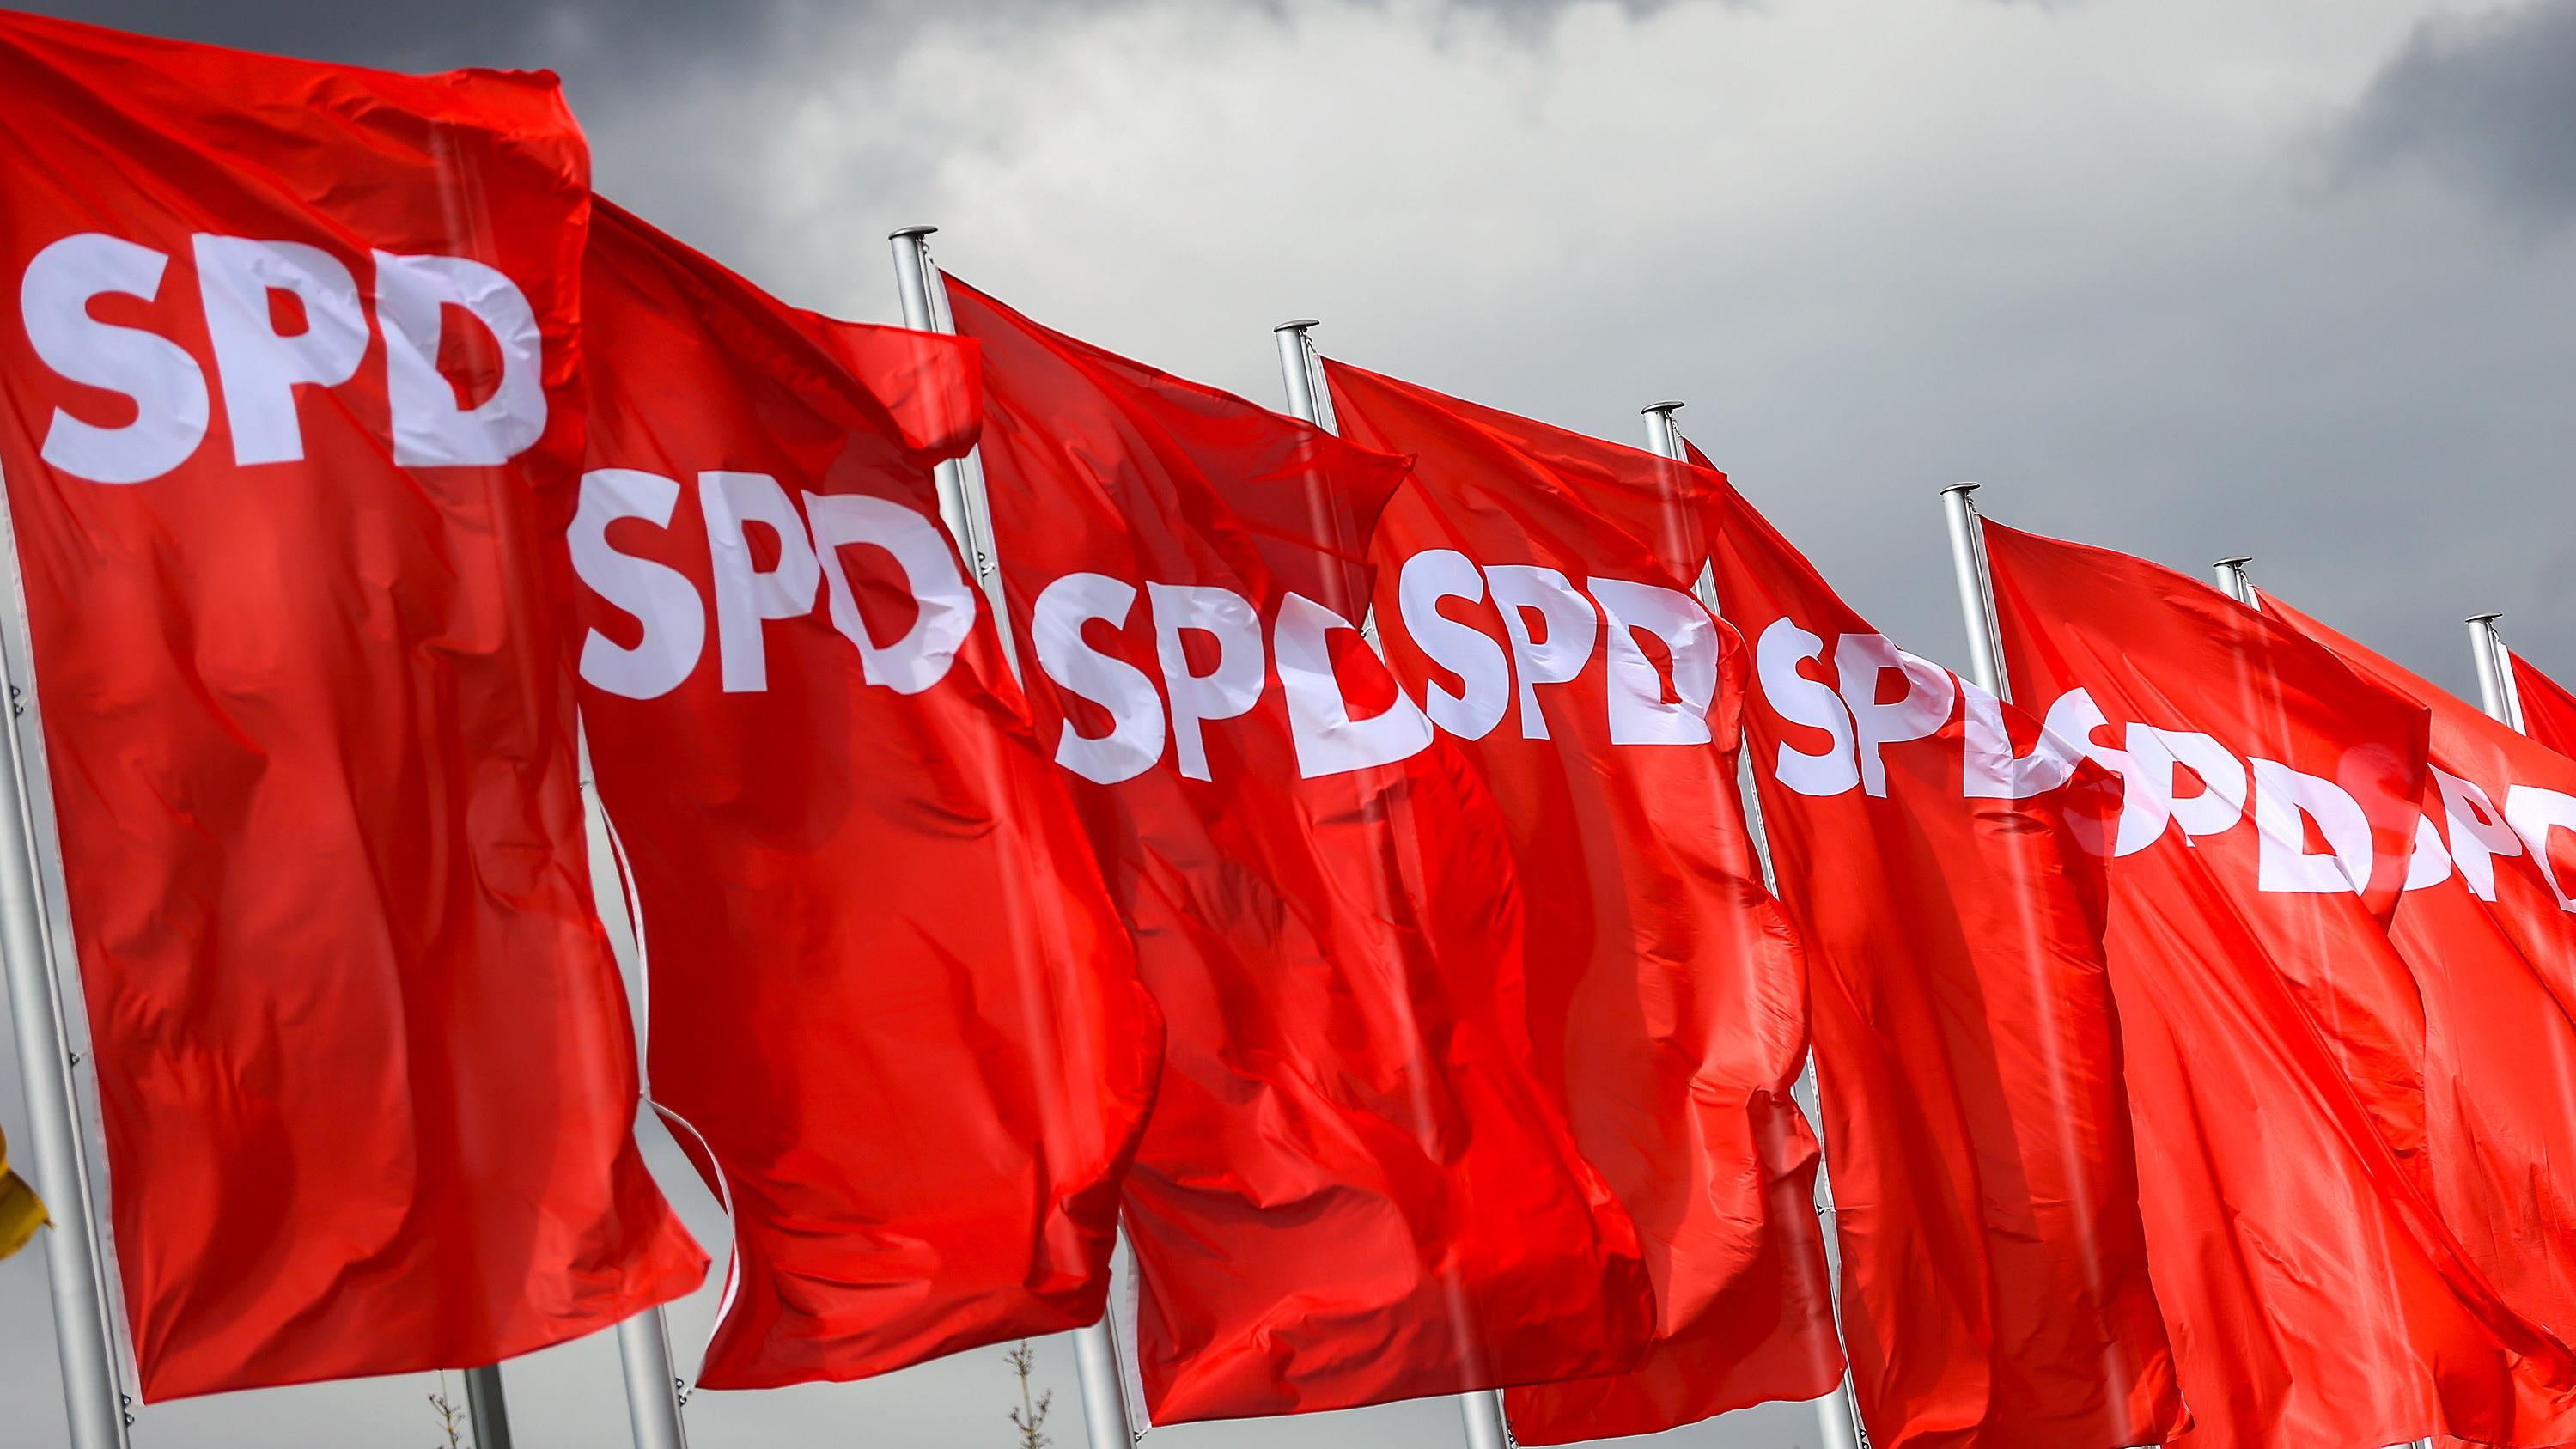 SPD-Fahnen wehen vor dunklen Wolken